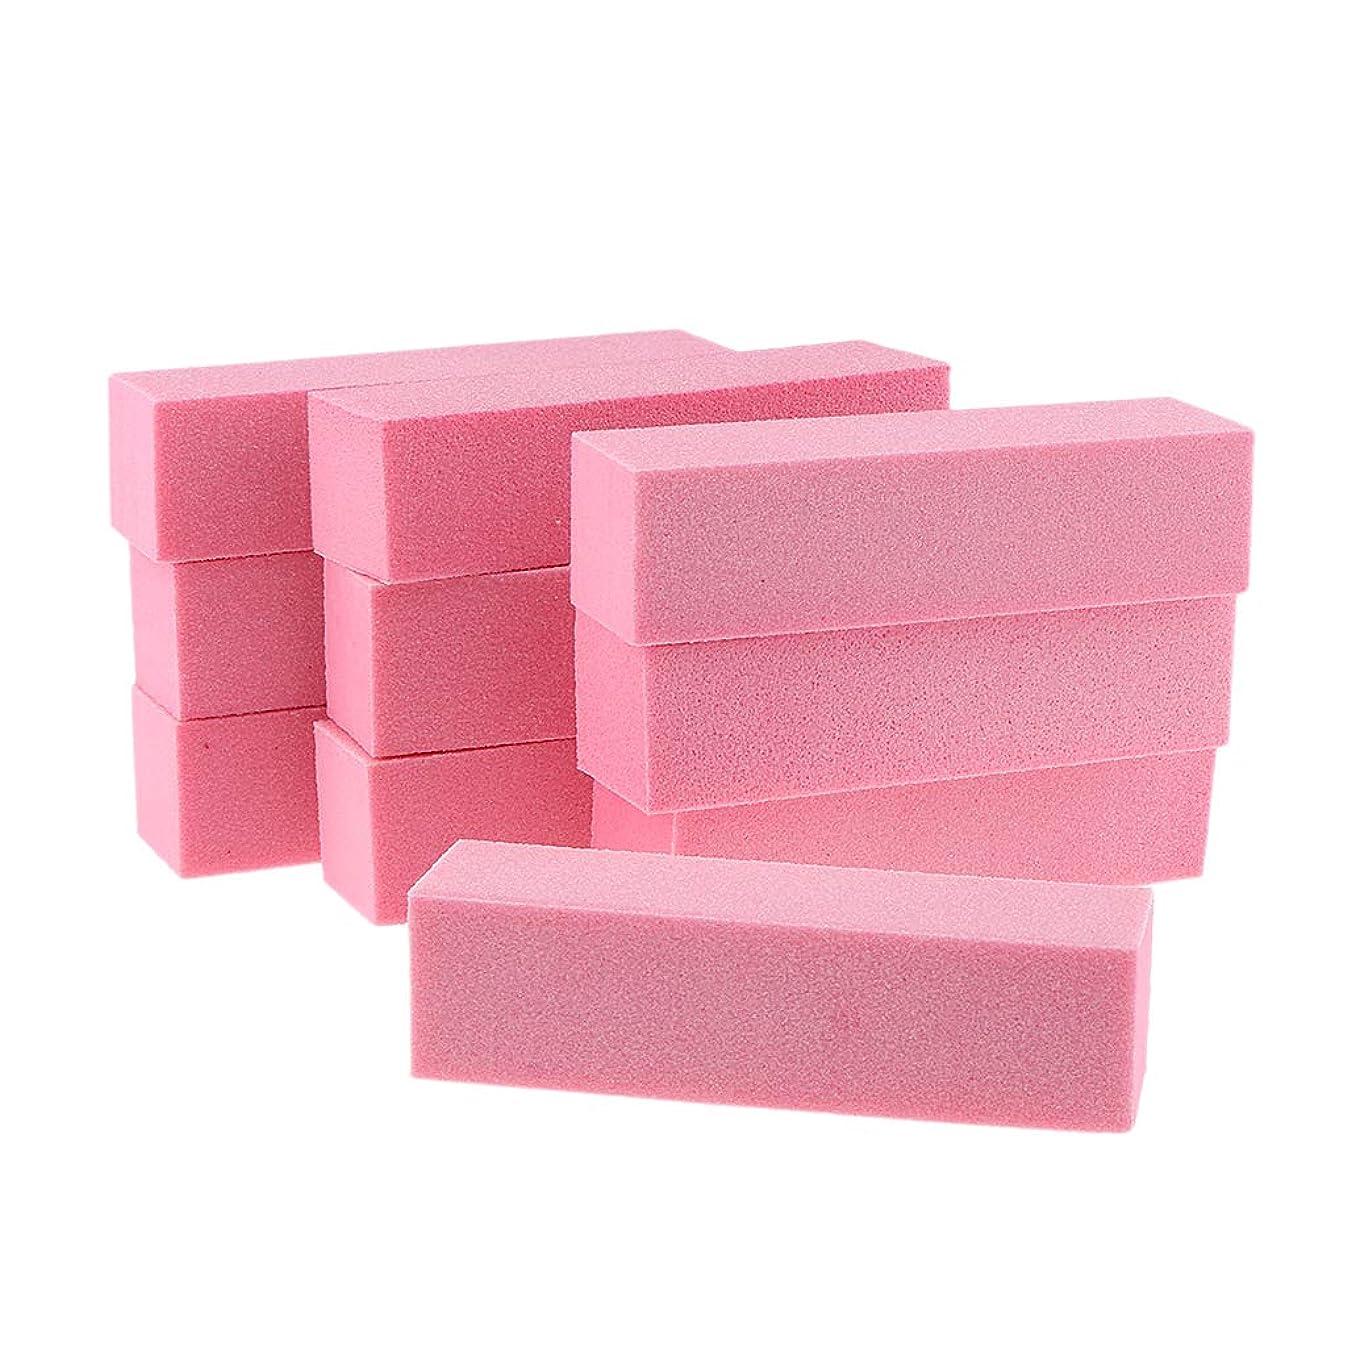 立法アパートプログラムF Fityle 10個 ネイルファイルブロック マニキュア バッファーブロック ピンク